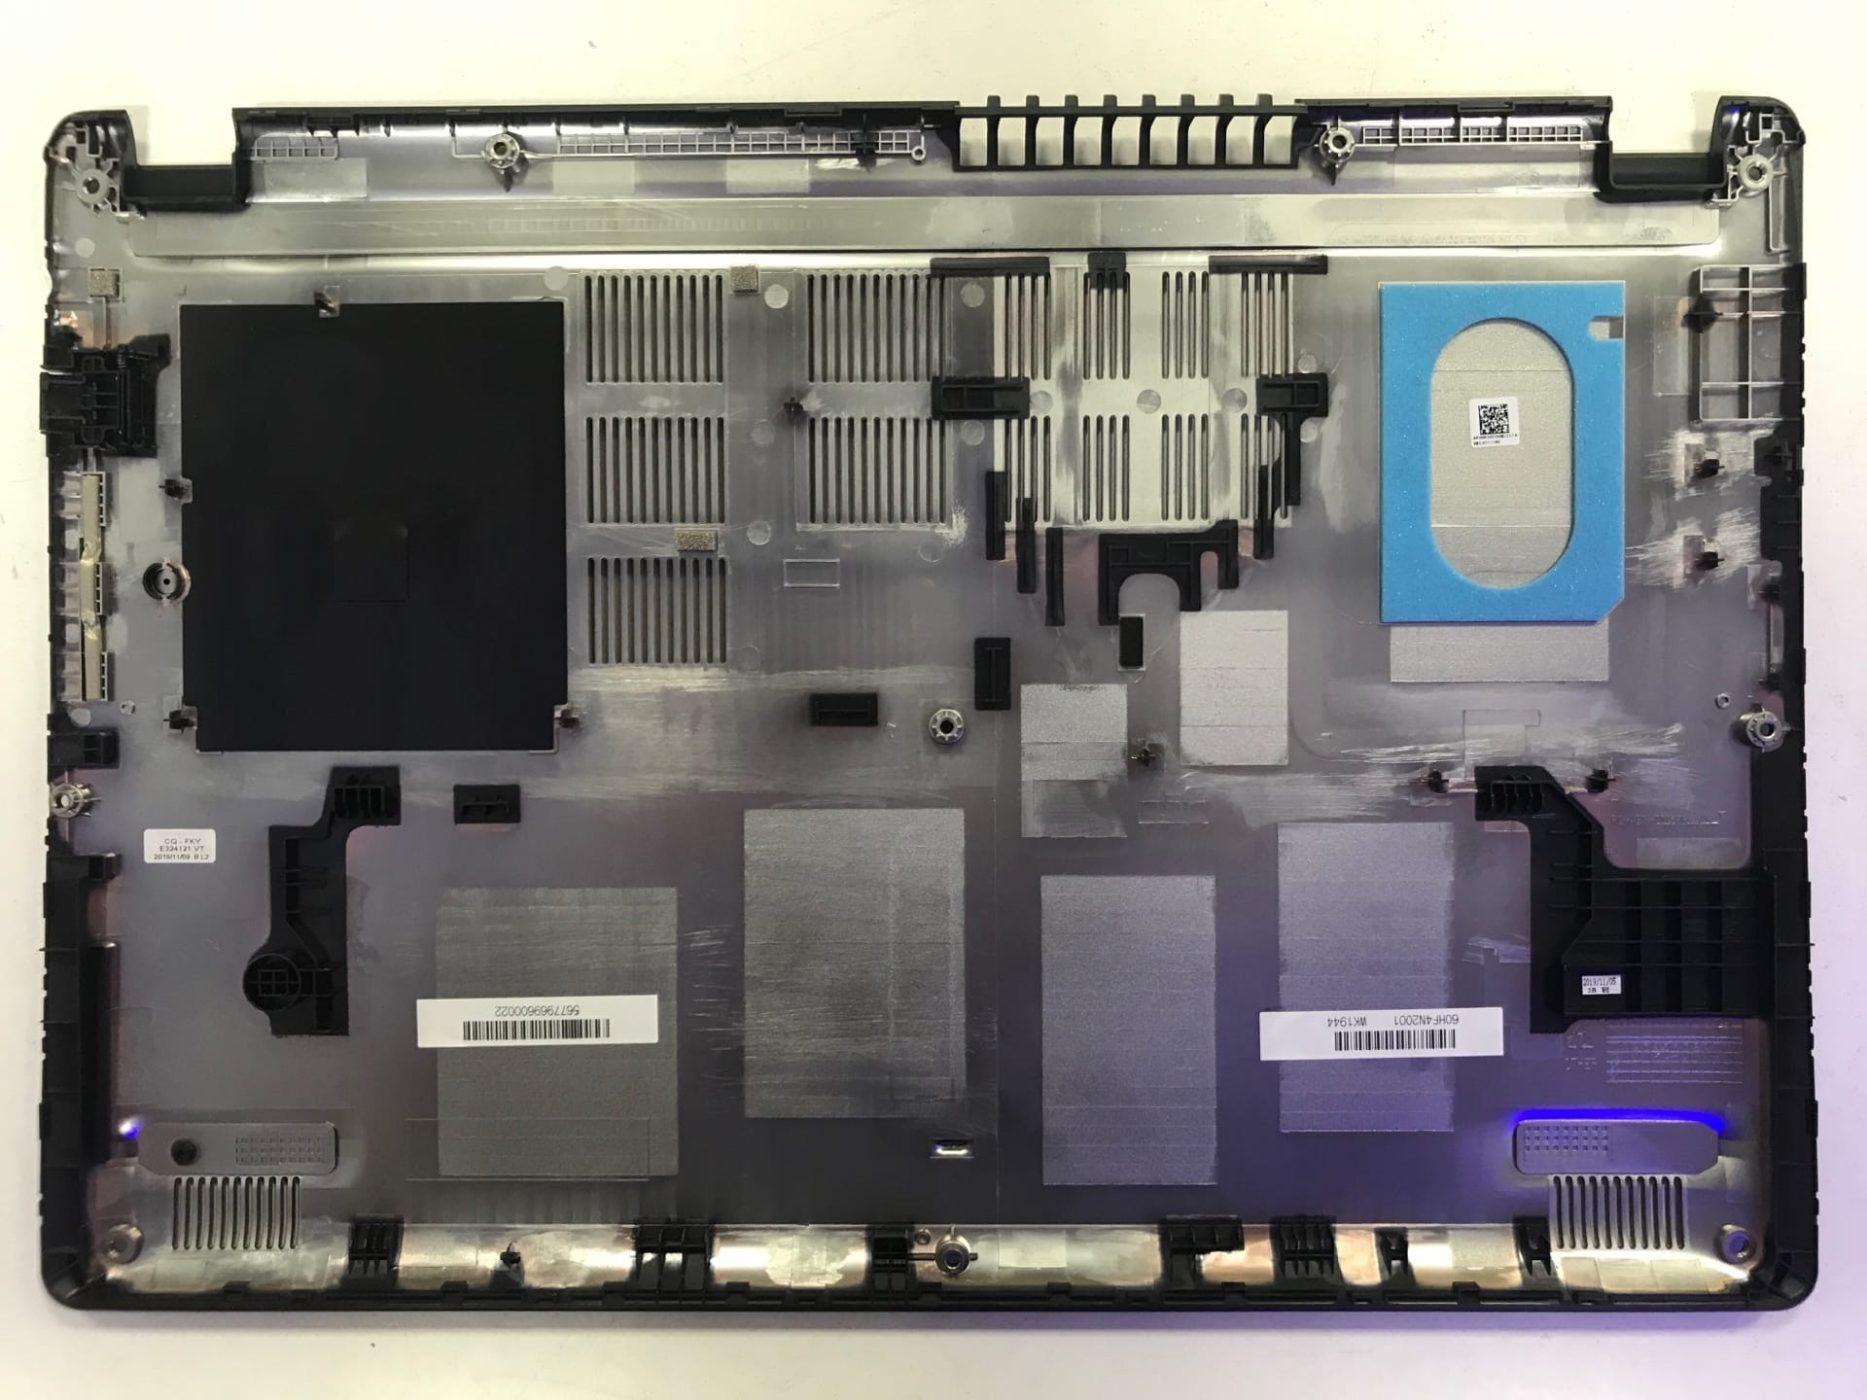 Поддон для ноутбука Acer A315-54, A315-54K, A315-56, EX215-51, EX215-51G, EX215-51K, EX215-51KG, EX215-52 – original